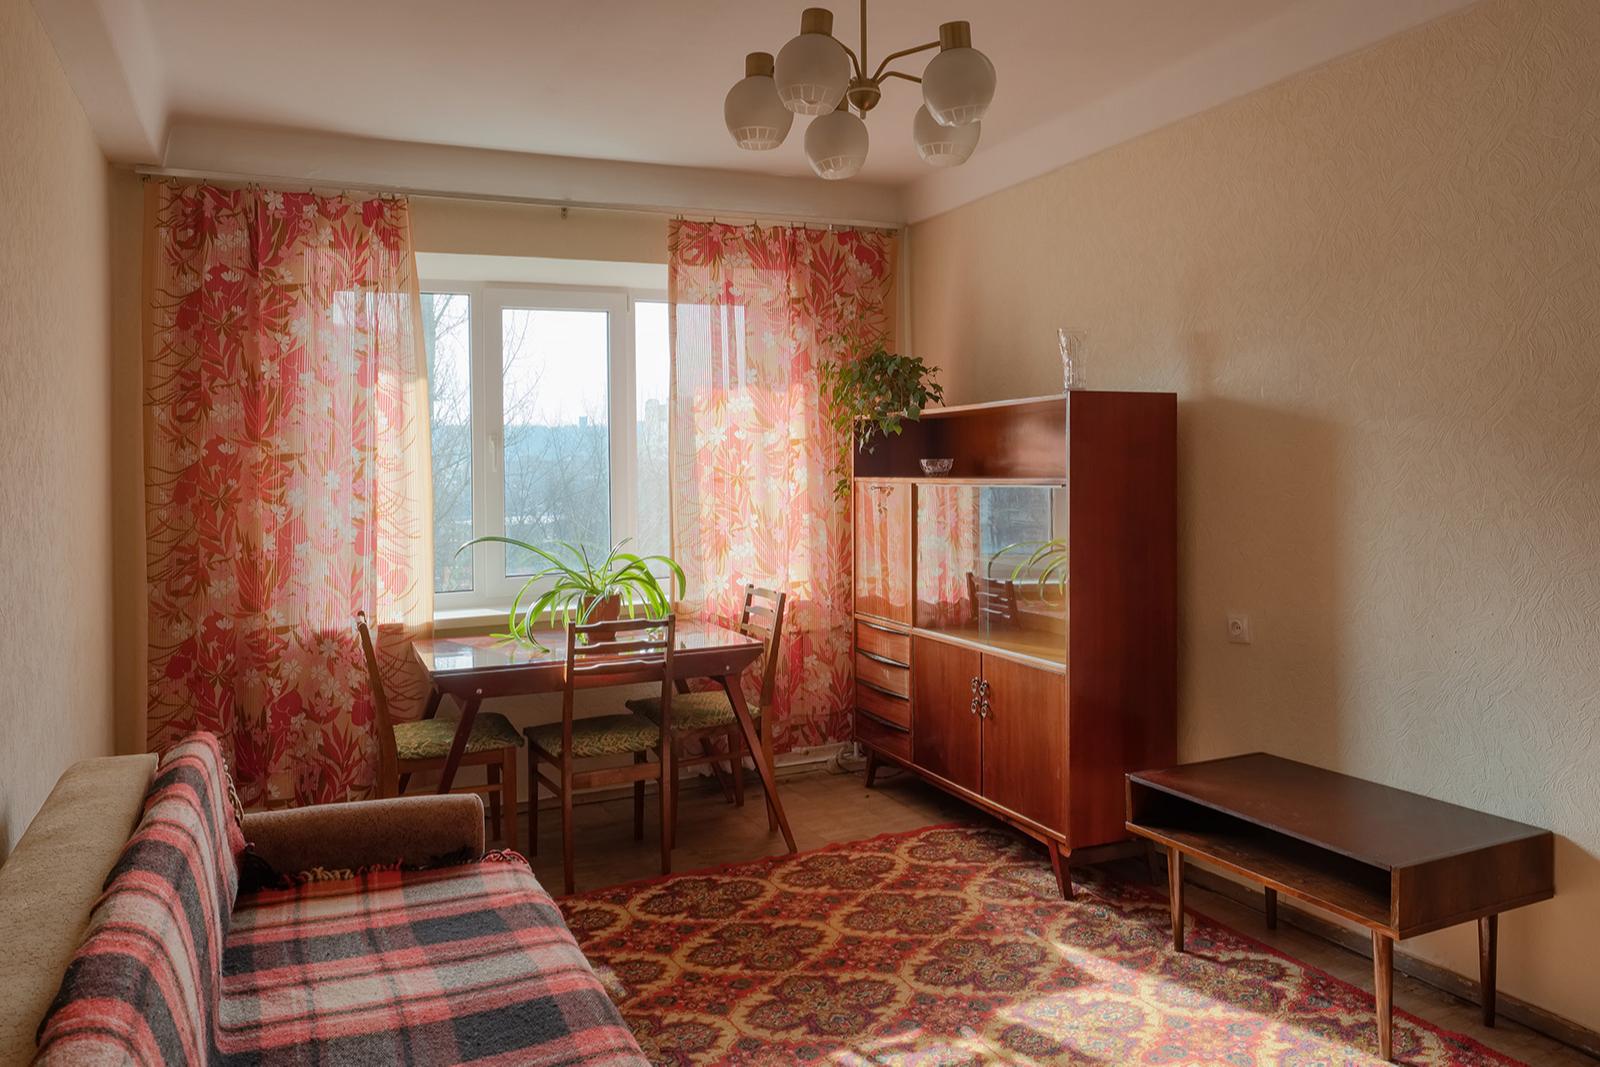 Квартиру с мебелью из СССР сдать в аренду очень сложно